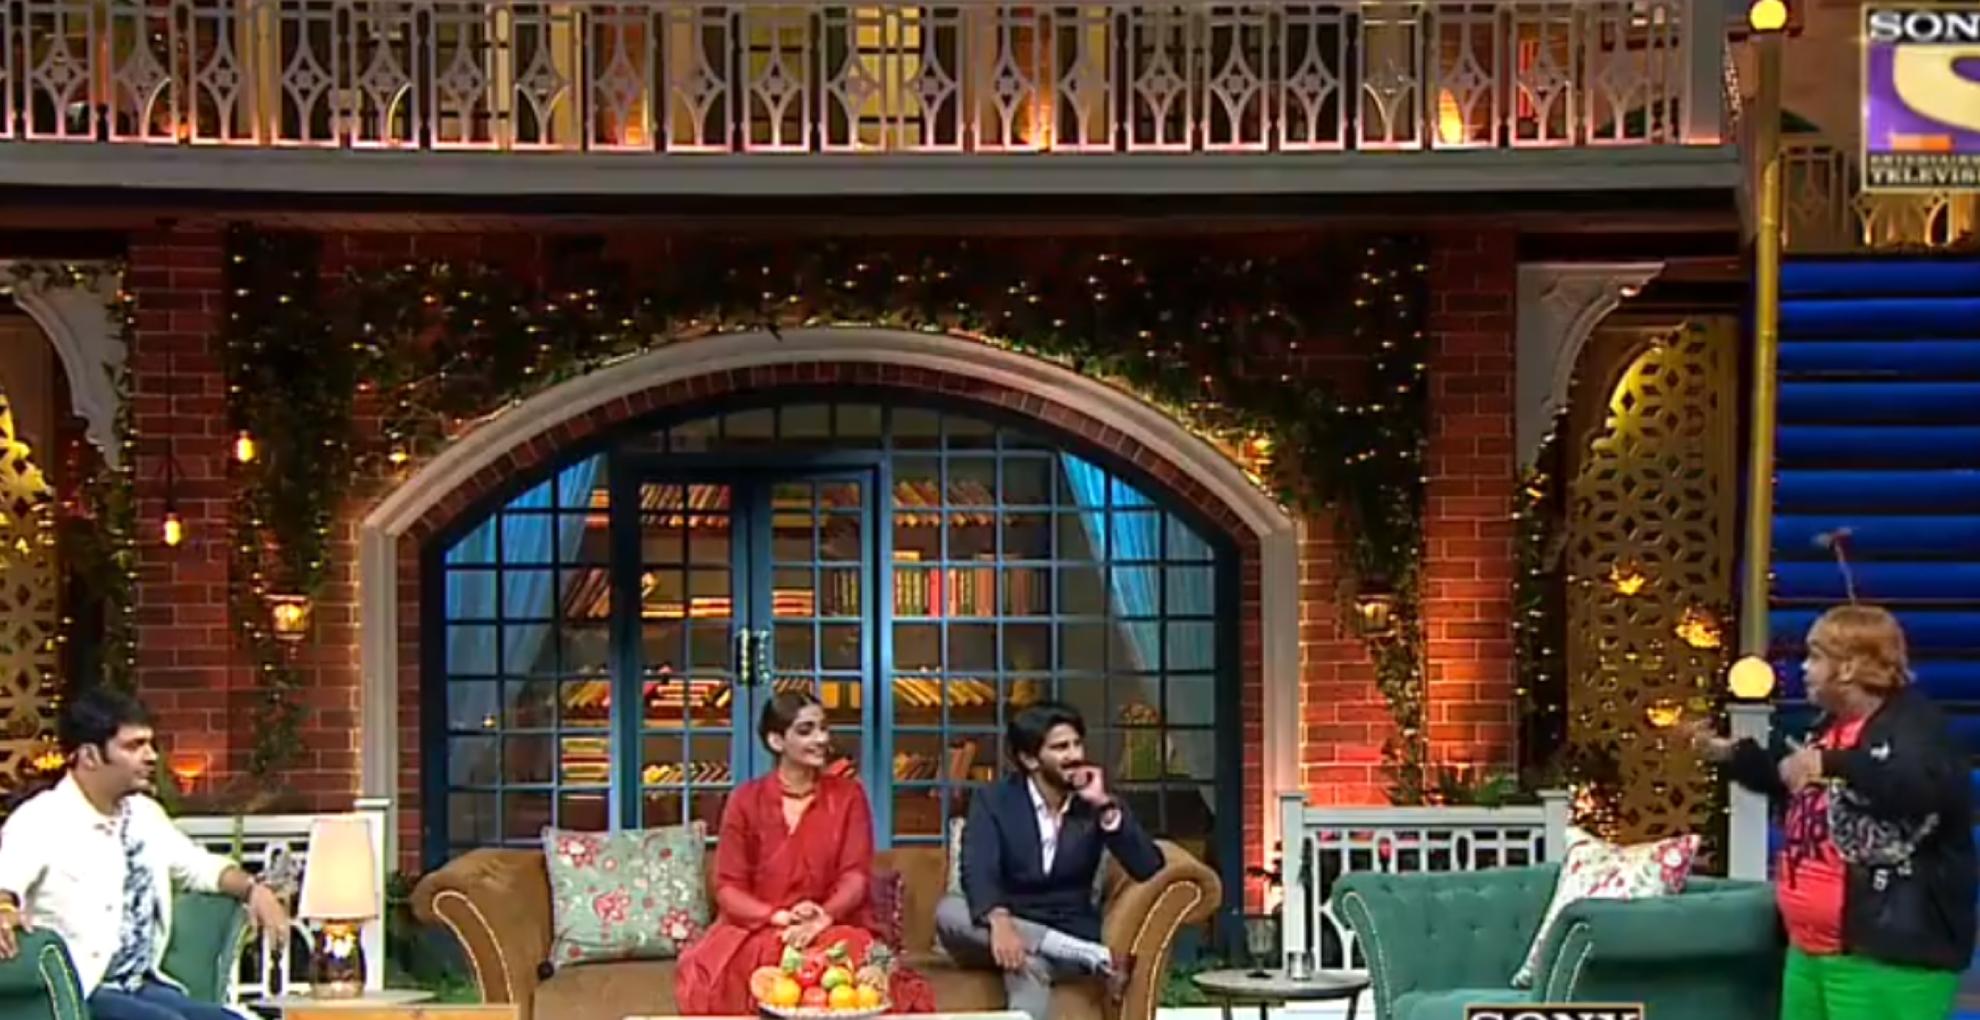 द कपिल शर्मा के शो पर पहुंचे सोनम कपूर-दुलकर सलमान, अच्छा यादव ने यूं लगाया हंसी का तड़का, देखिए प्रोमो